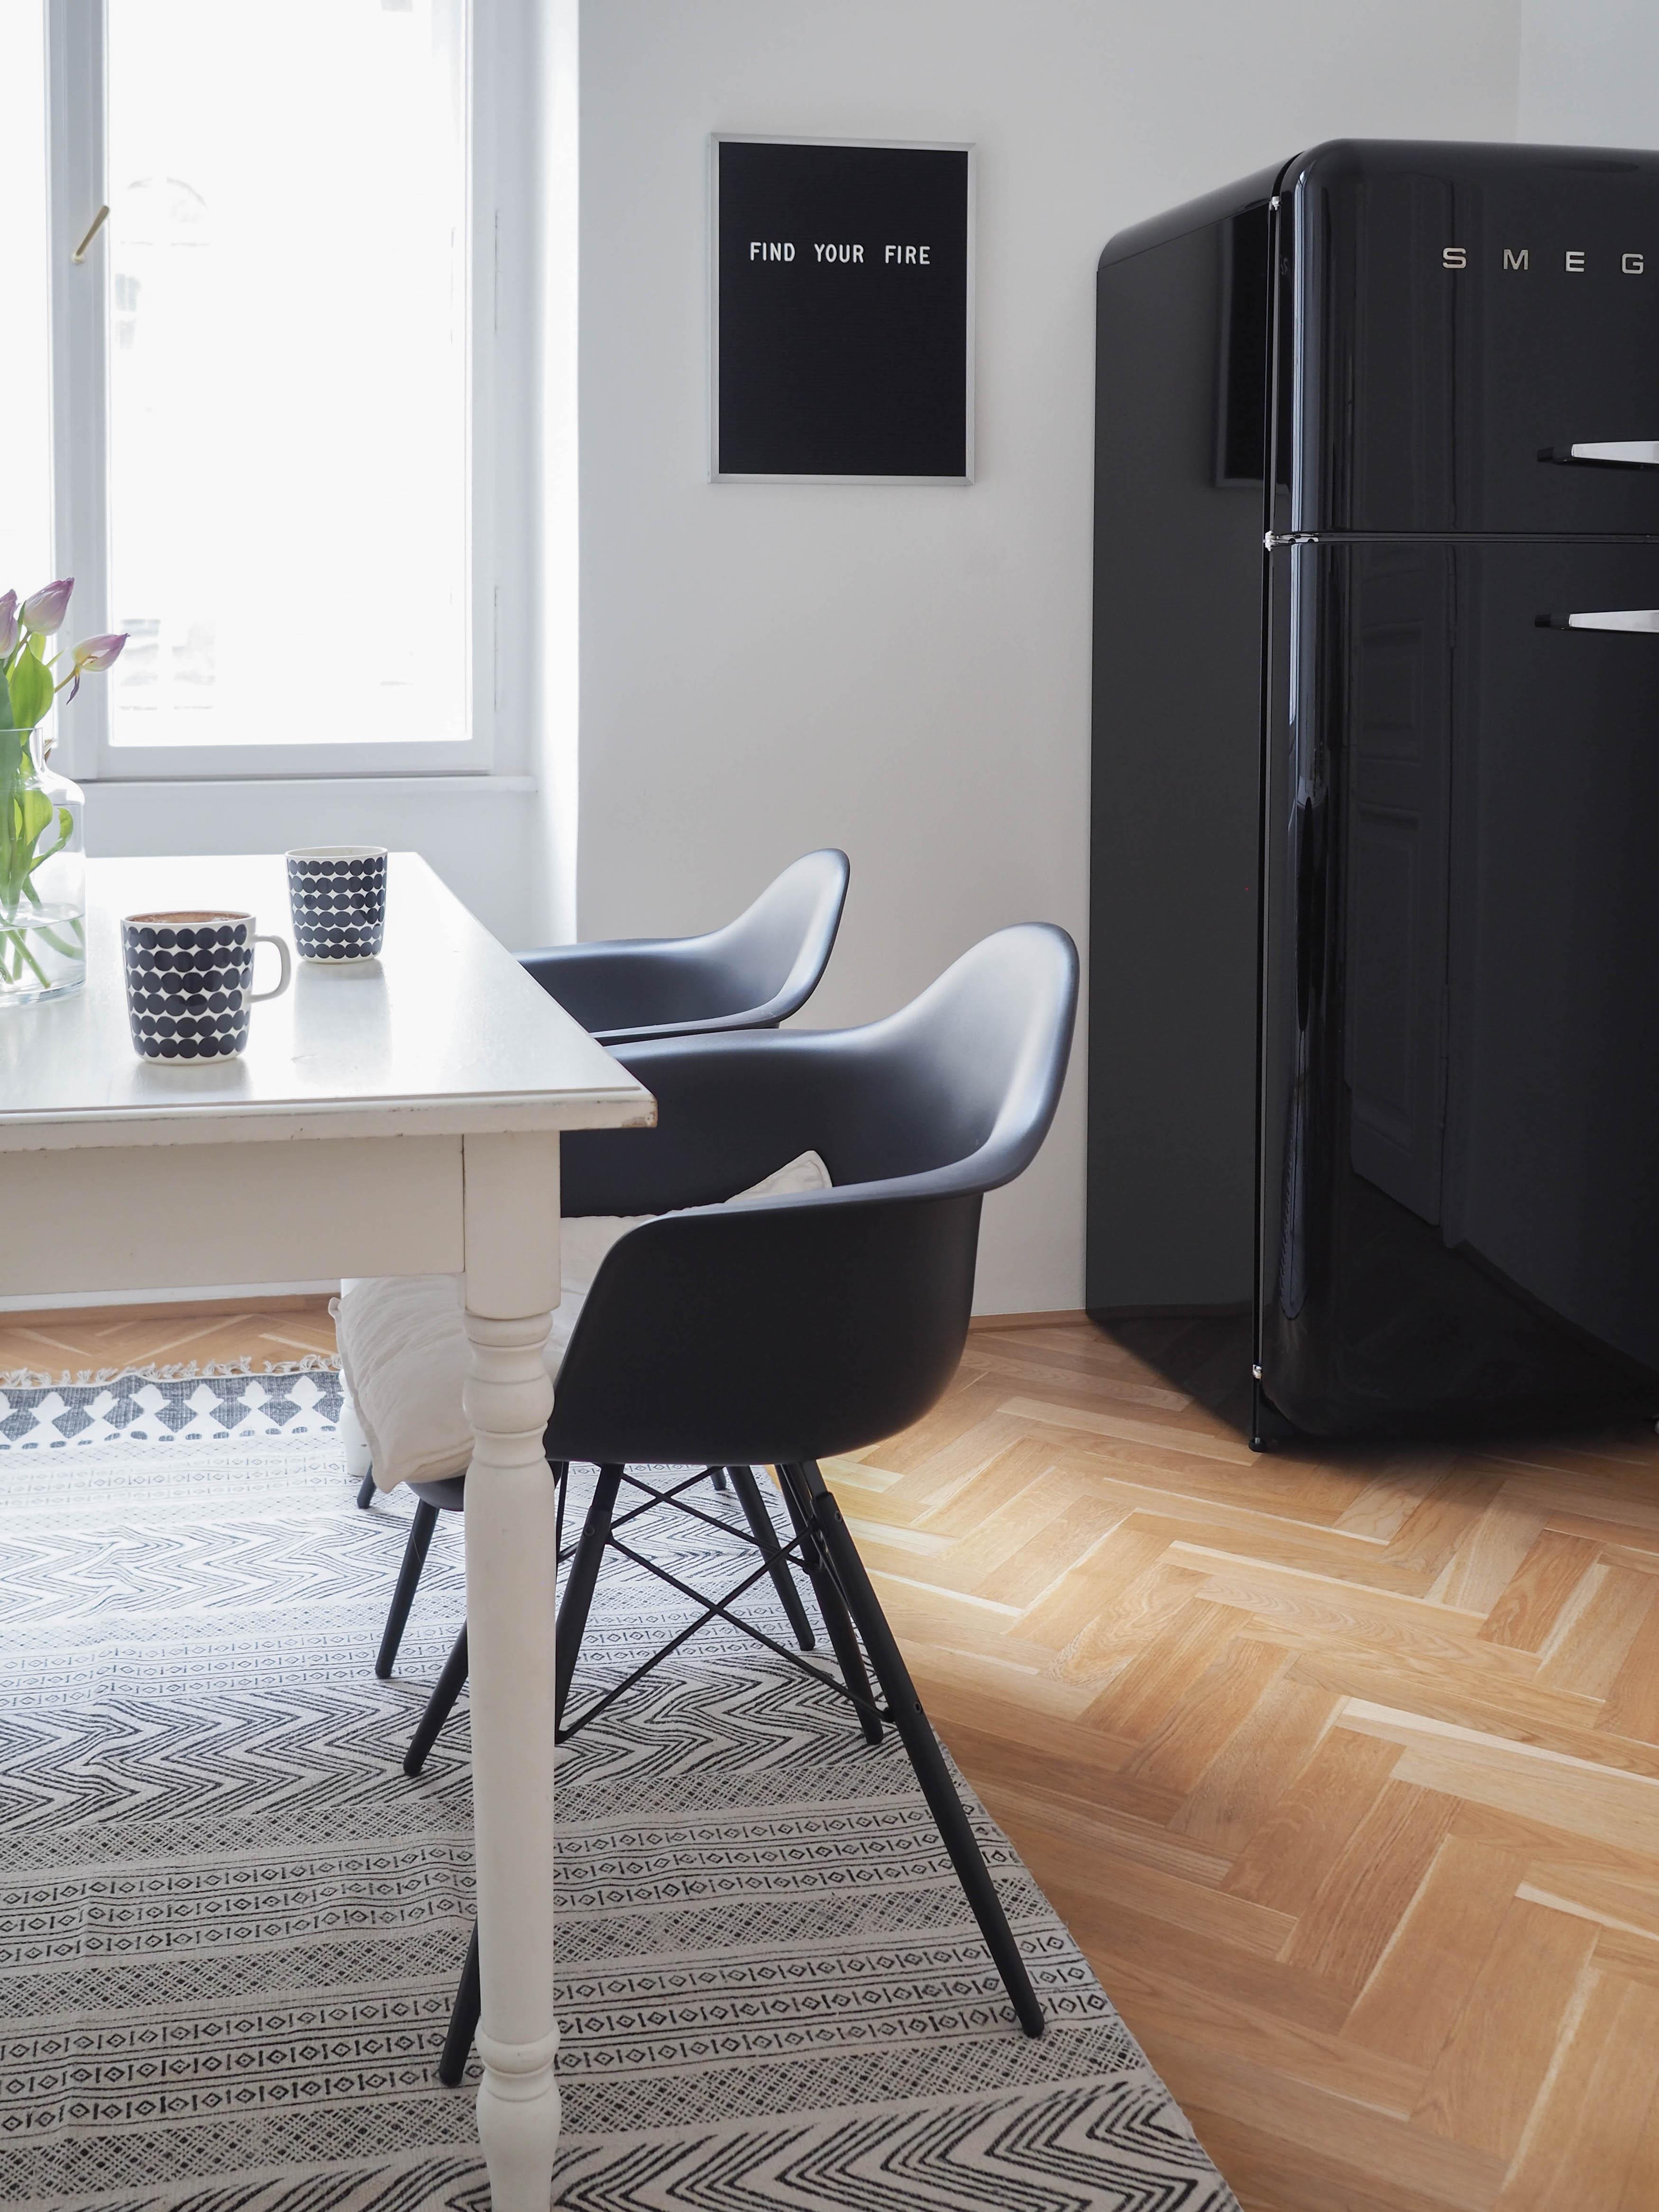 Was Haltet Ihr Von Komplett Schwarzen Eames Chair?